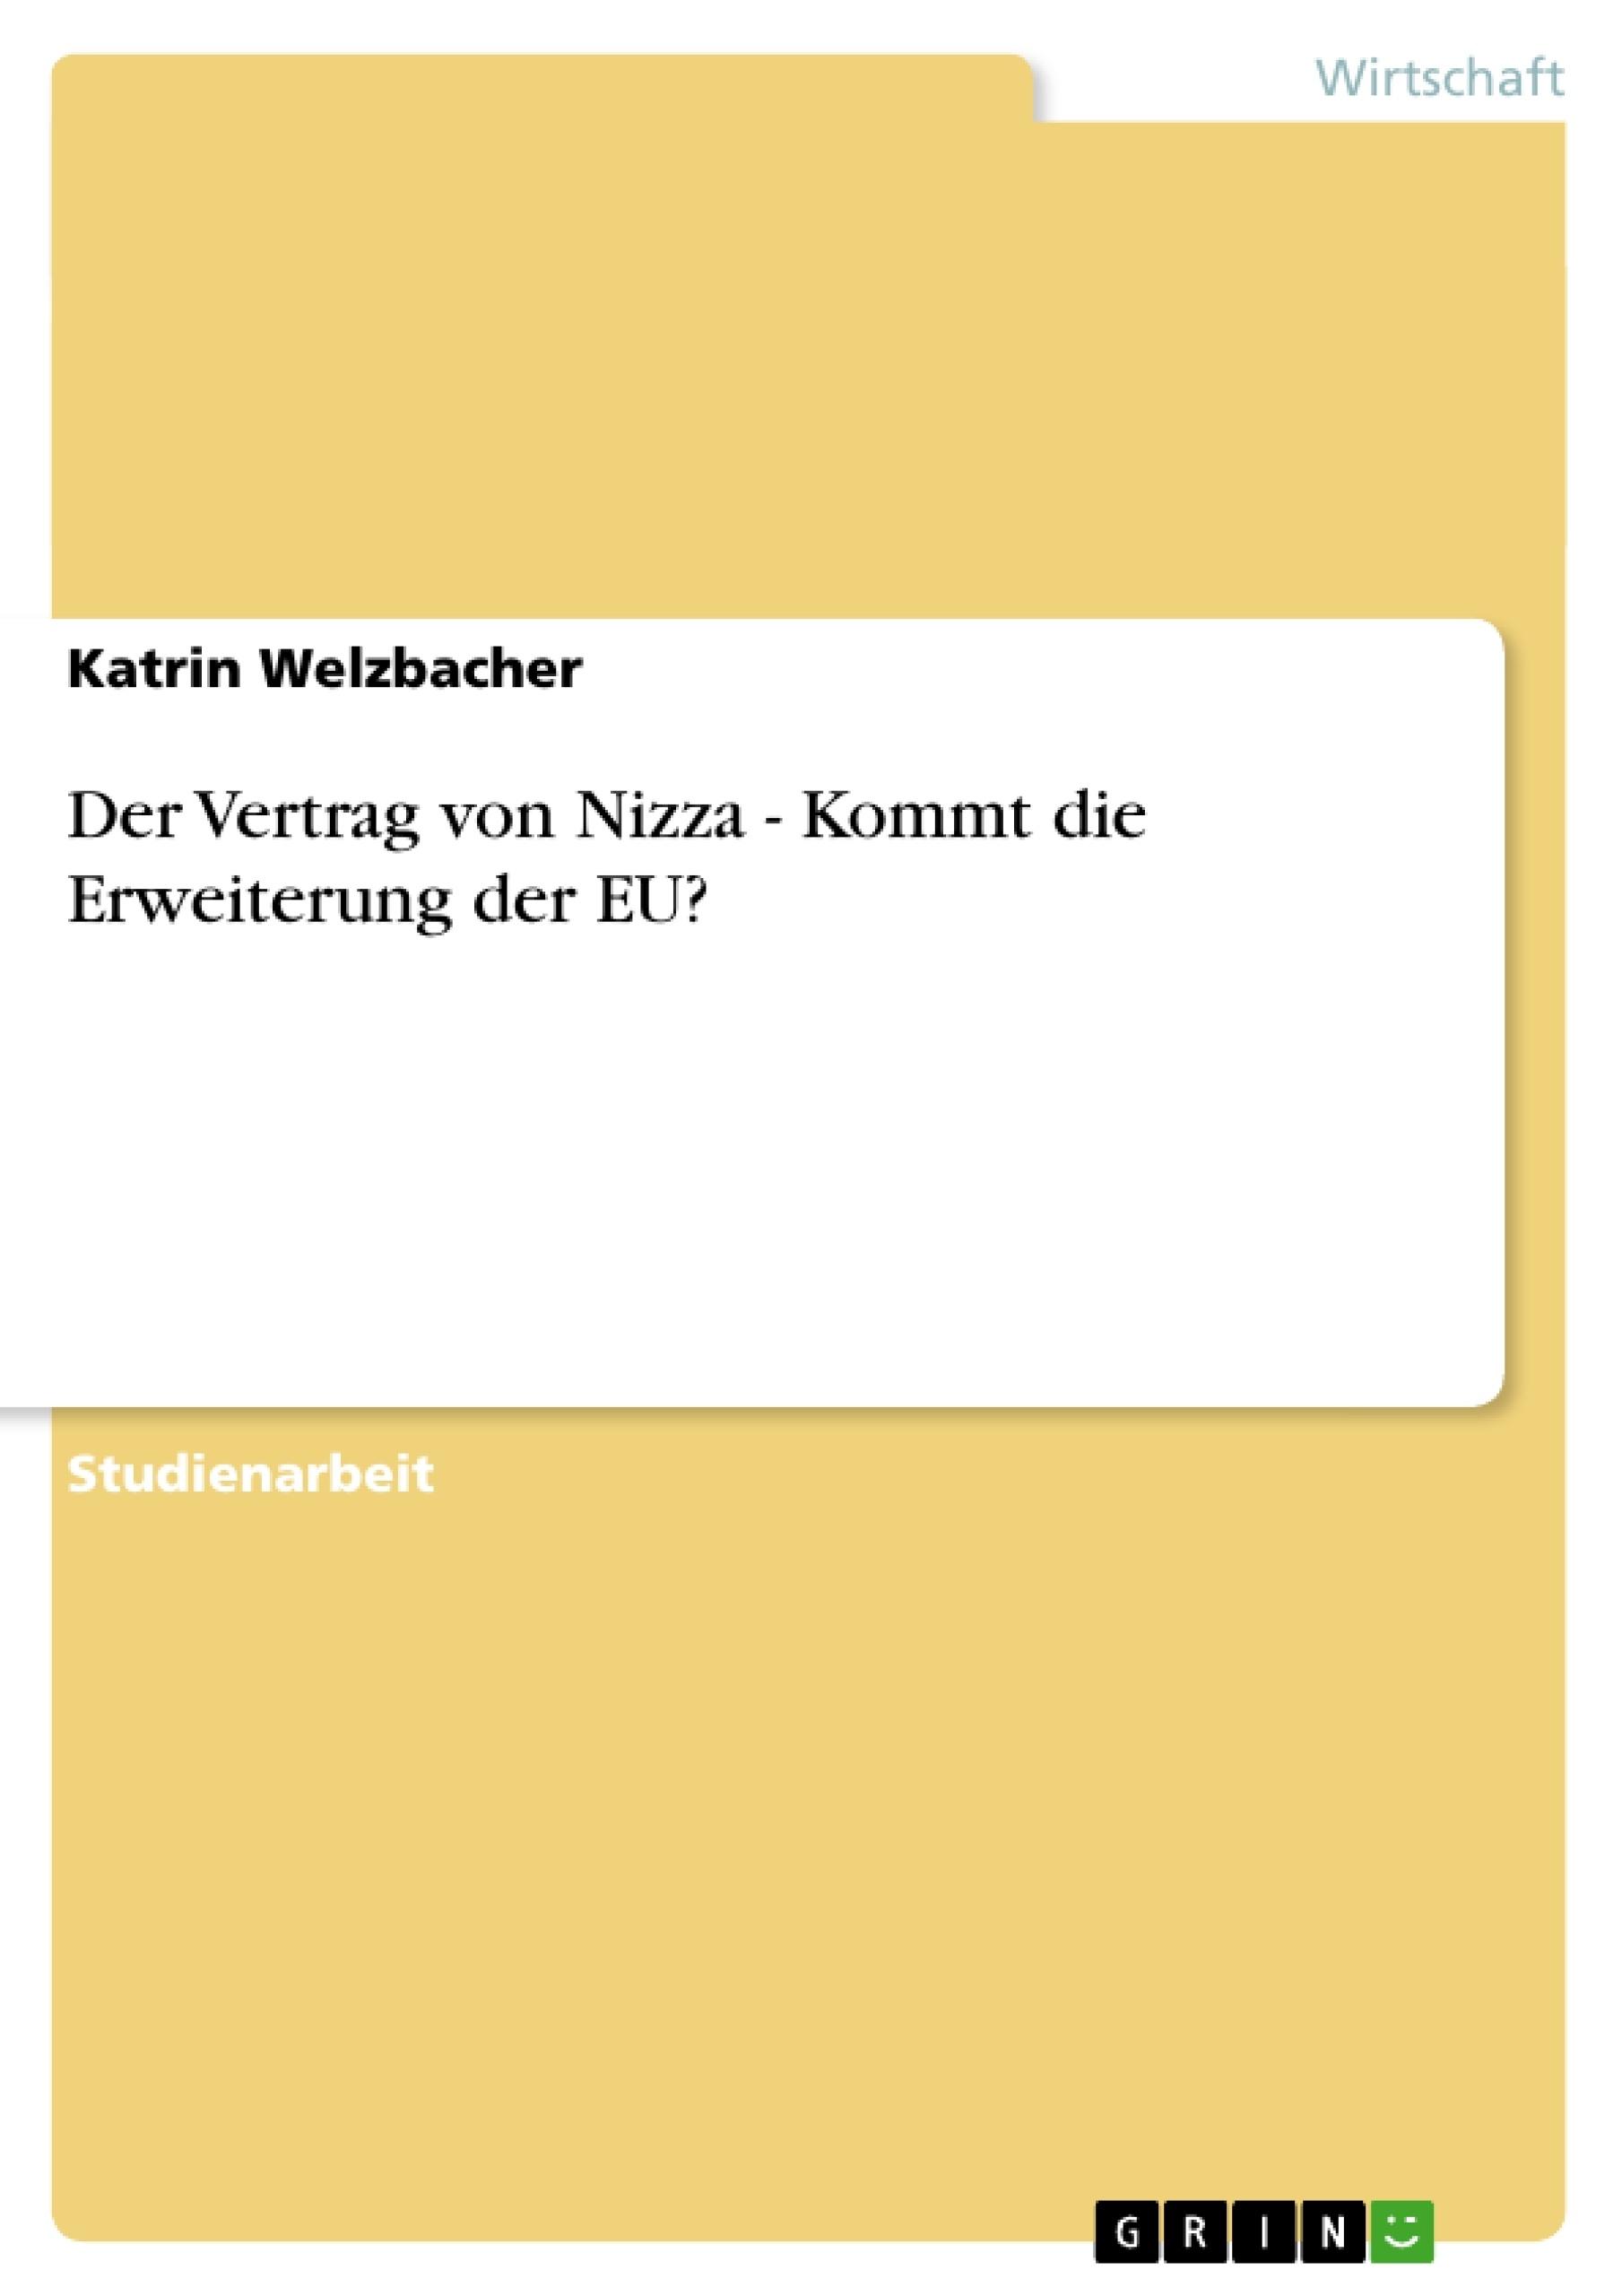 Titel: Der Vertrag von Nizza - Kommt die Erweiterung der EU?